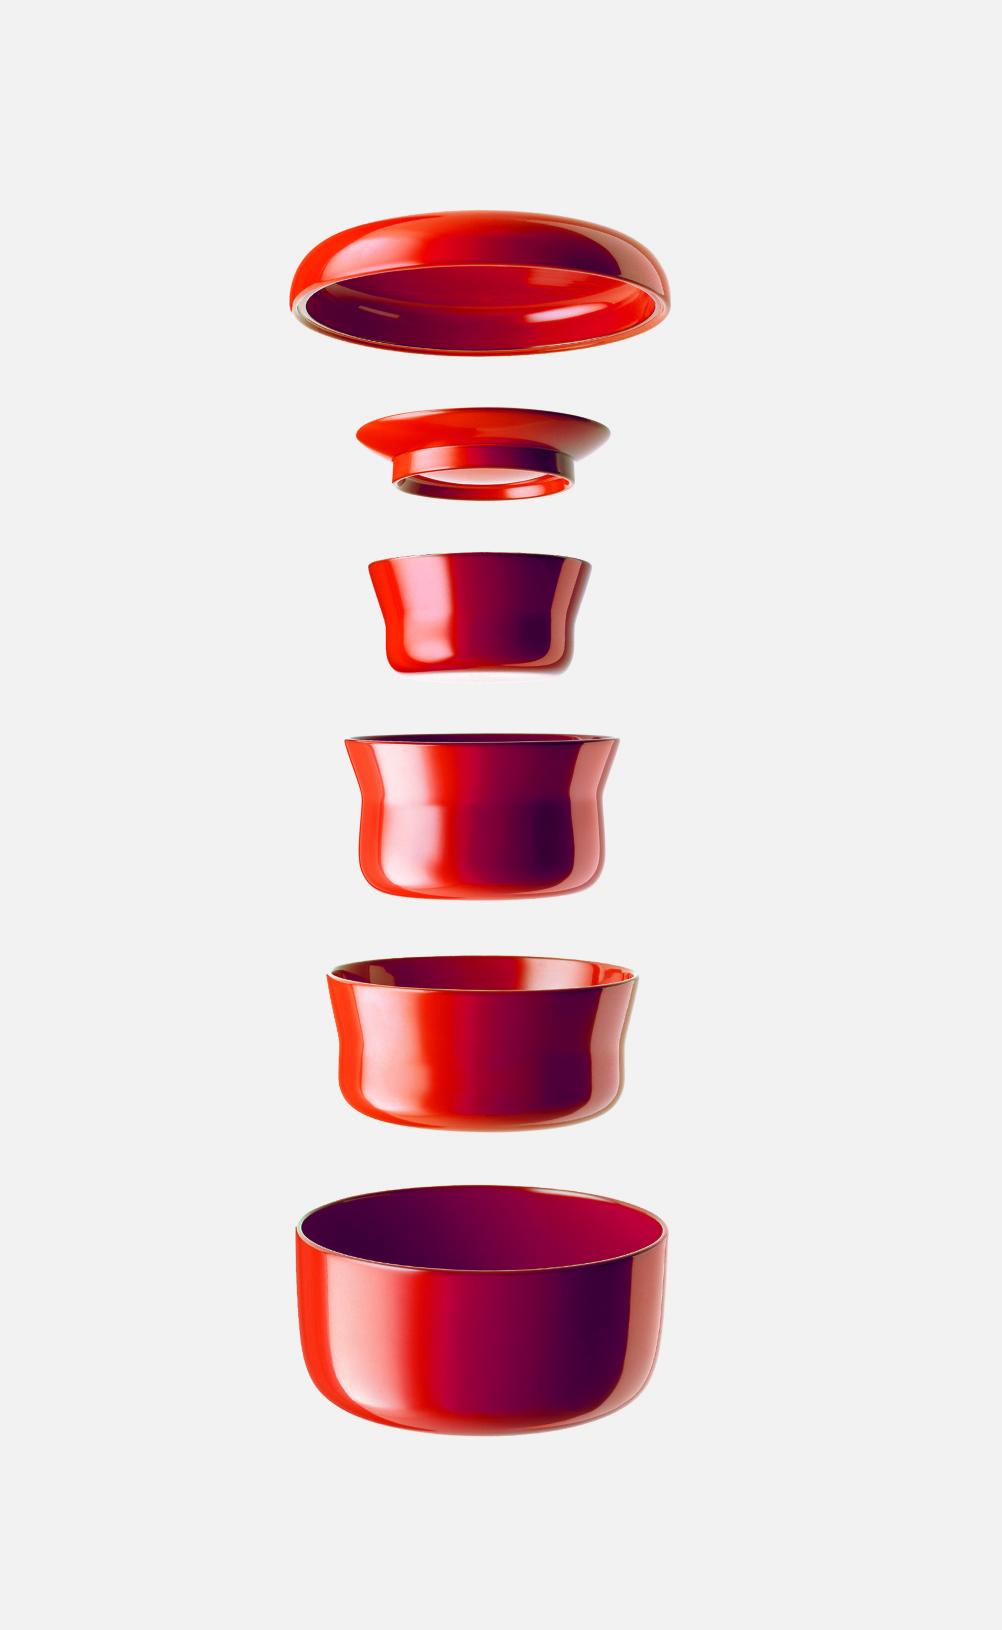 Wajima lacquerware, 1986, Kita Toshiyuki; lacquered wood